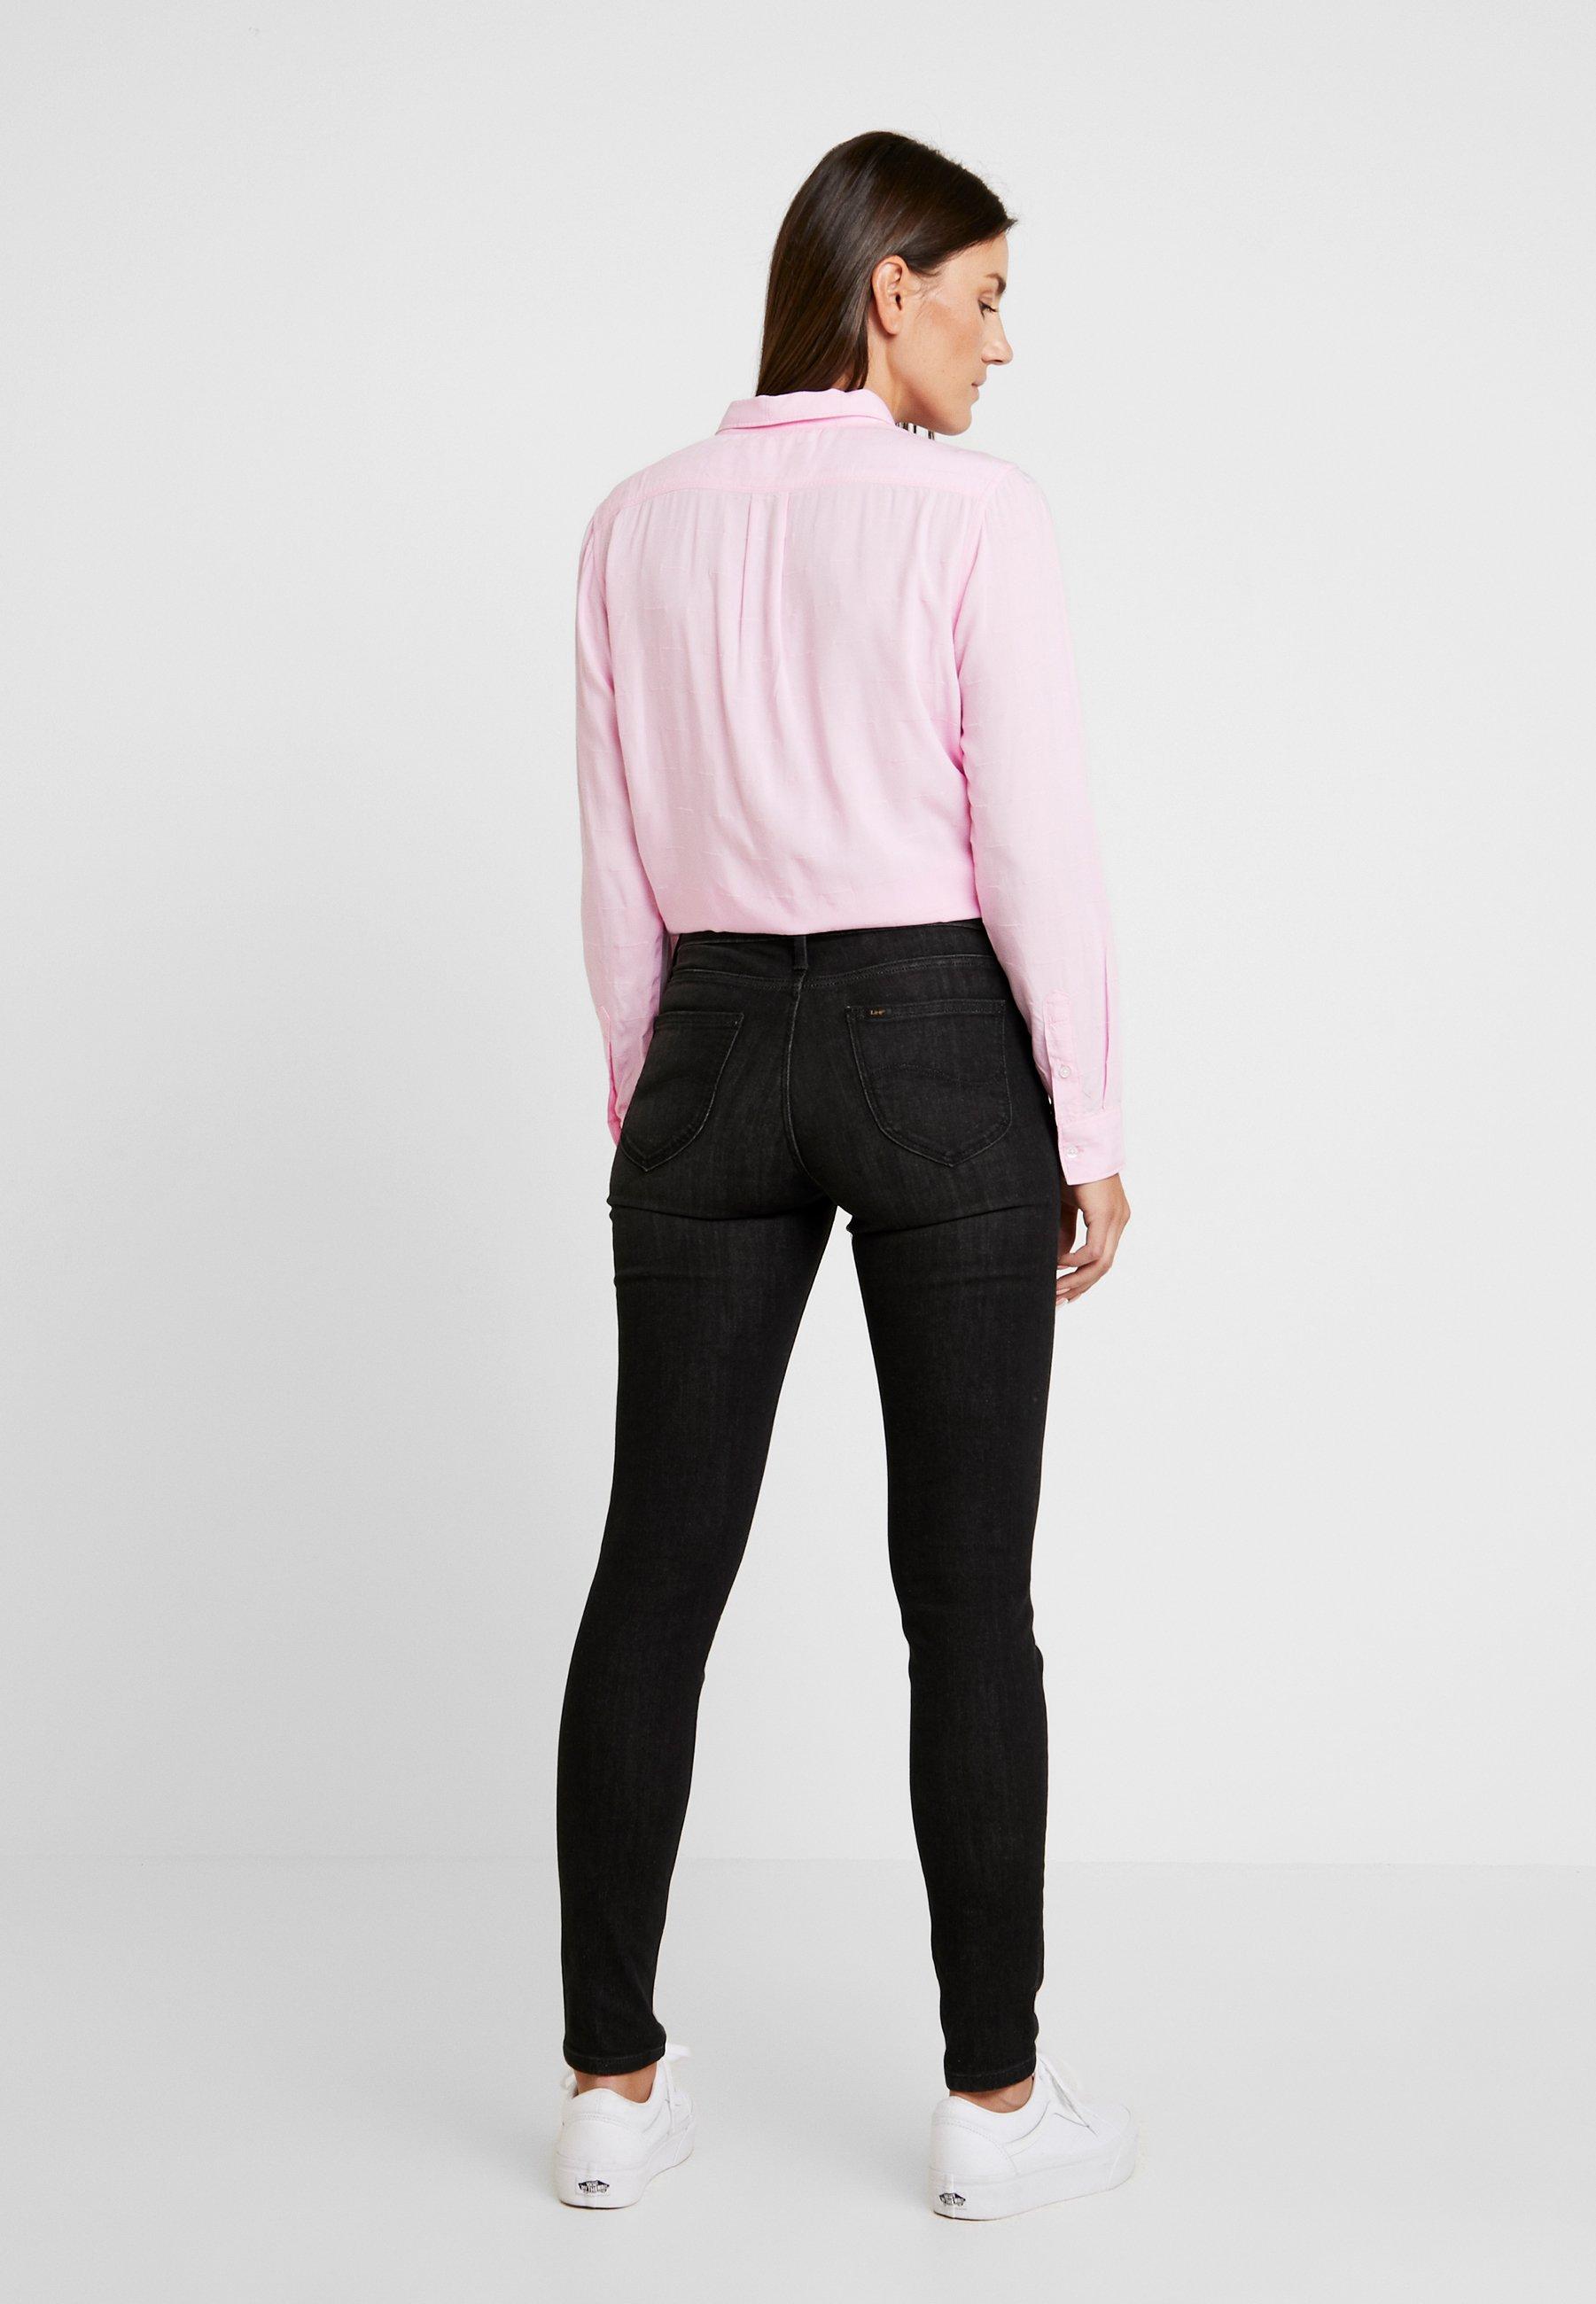 ScarlettJeans Black Lee ScarlettJeans Skinny Orrick Skinny Lee nPkw0O8